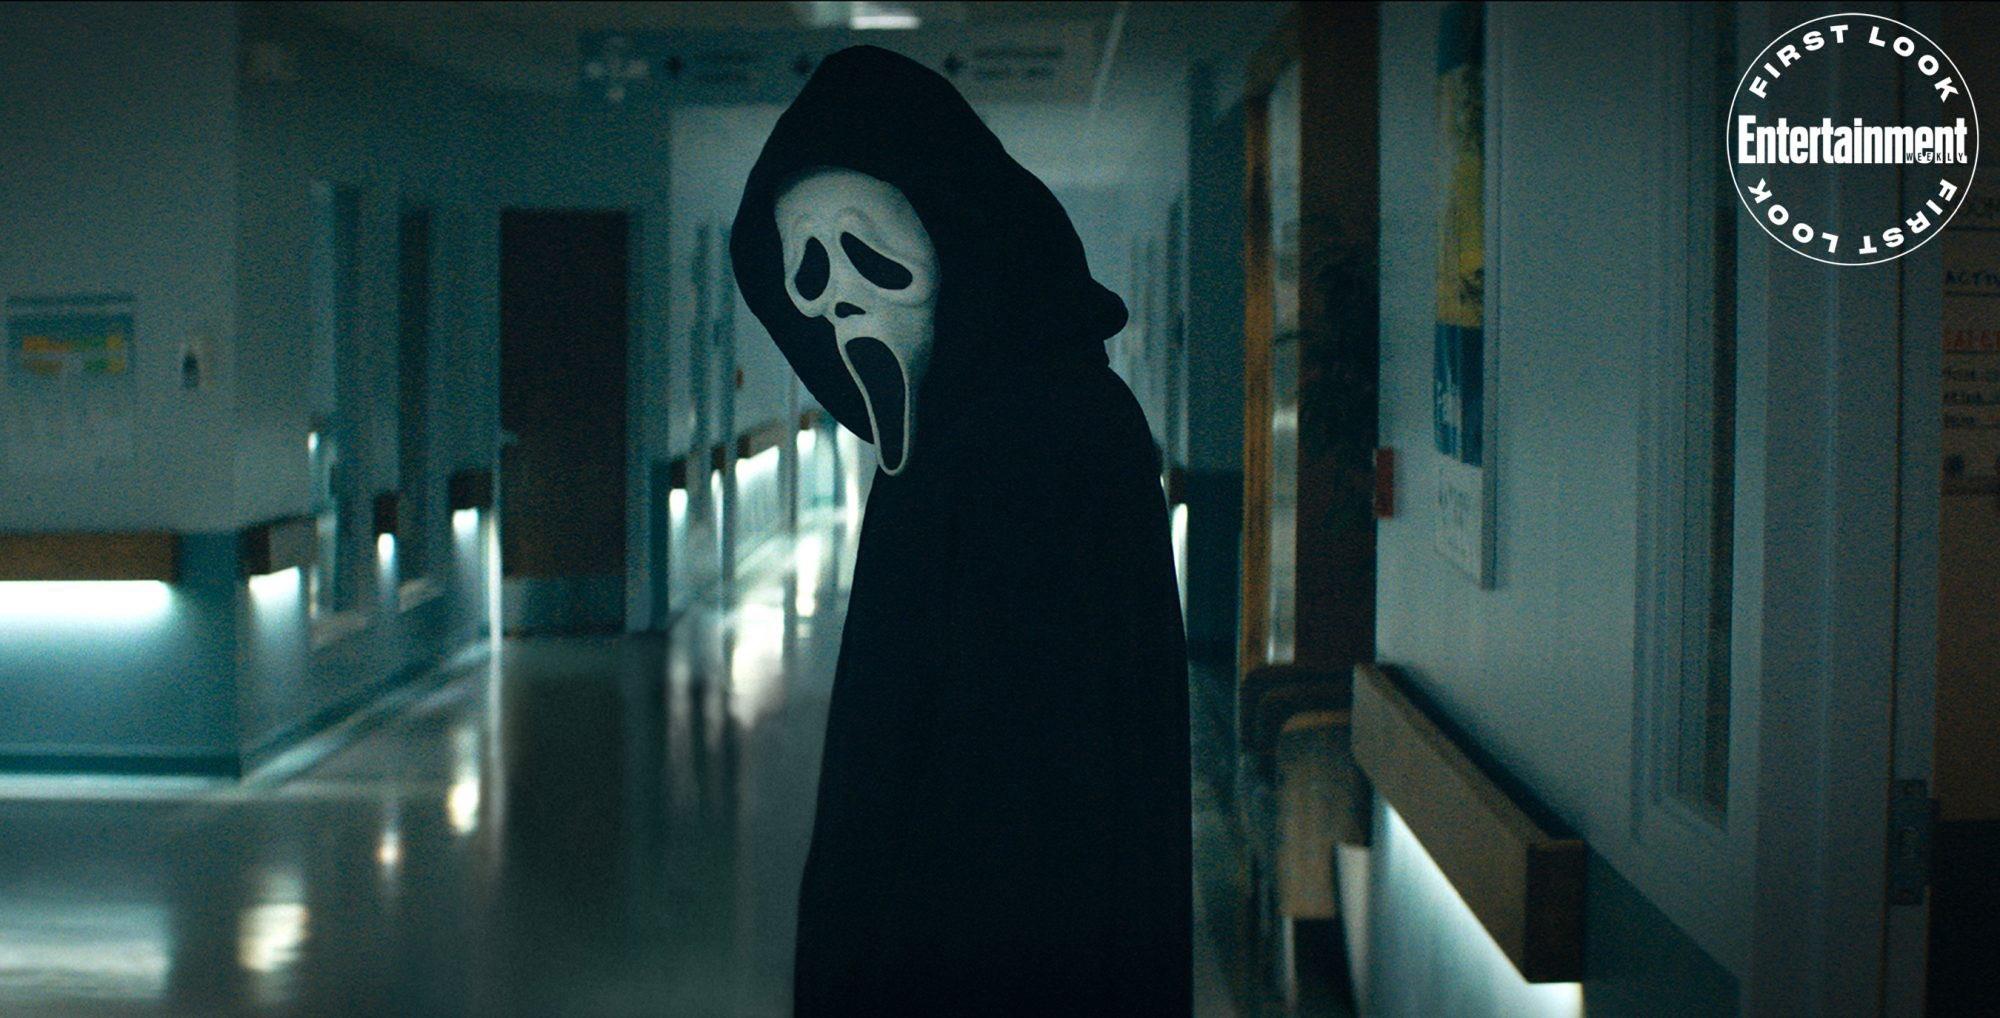 Первые кадры фильма «Крик 5». Премьера состоится в начале 2022 года